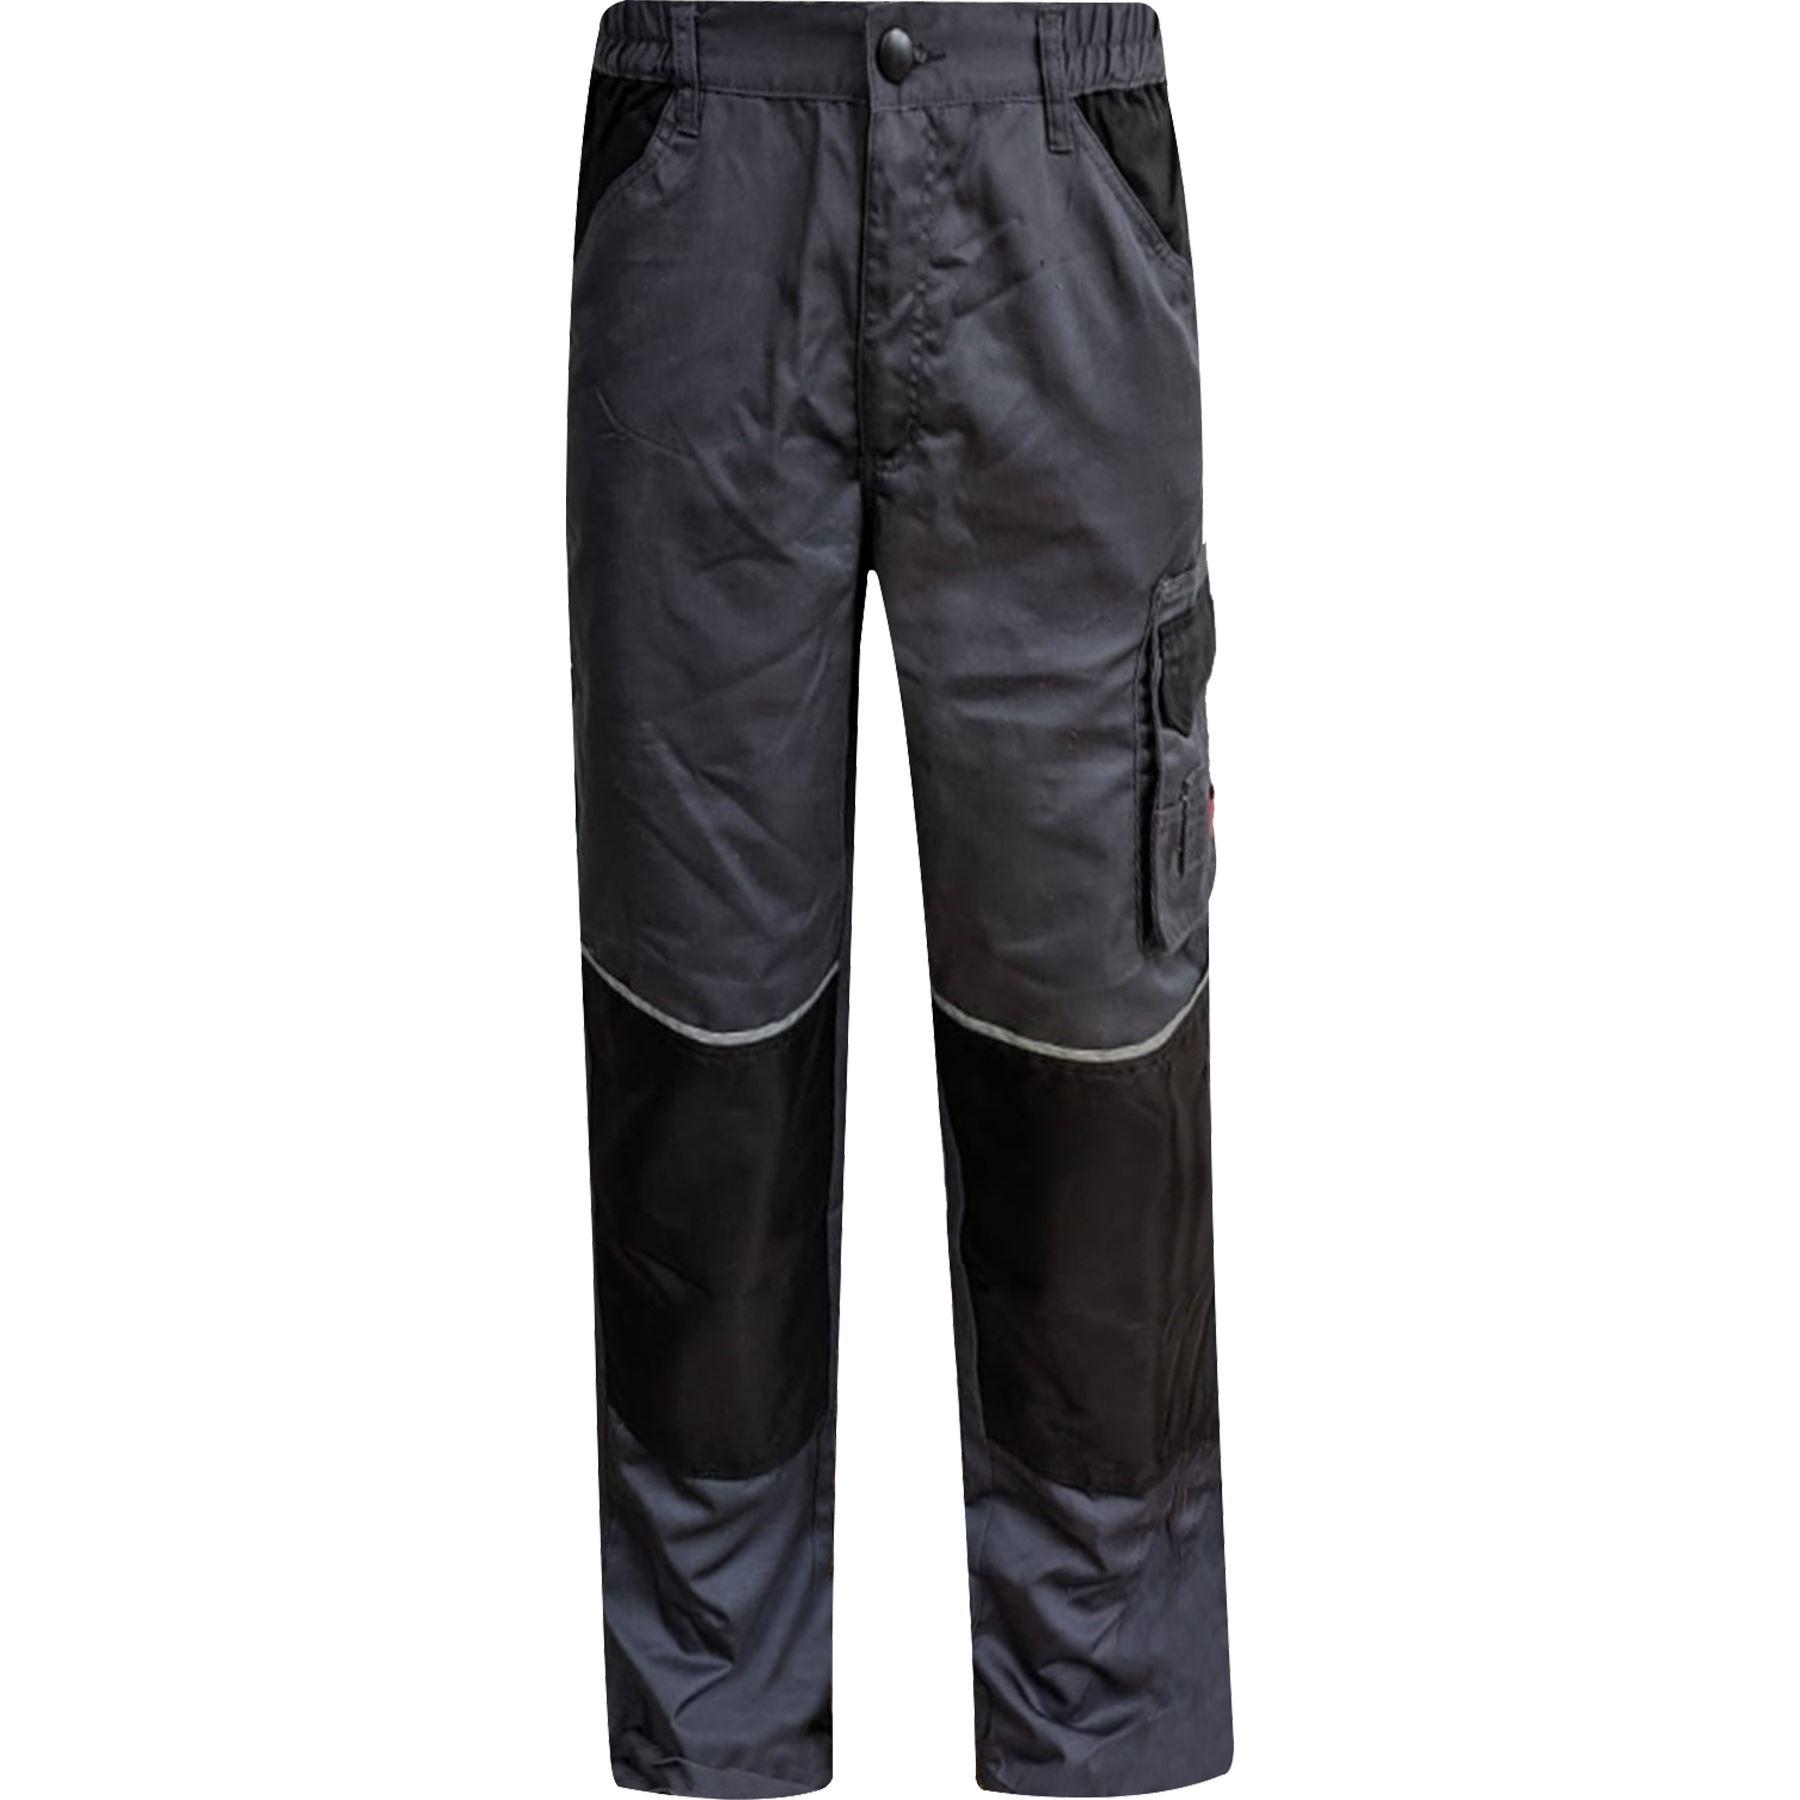 Para-Hombre-Elastico-Cargo-Pantalones-De-Trabajo-Cordura-Resistente-Rodilleras-Bolsillos-Hi-Vis miniatura 9